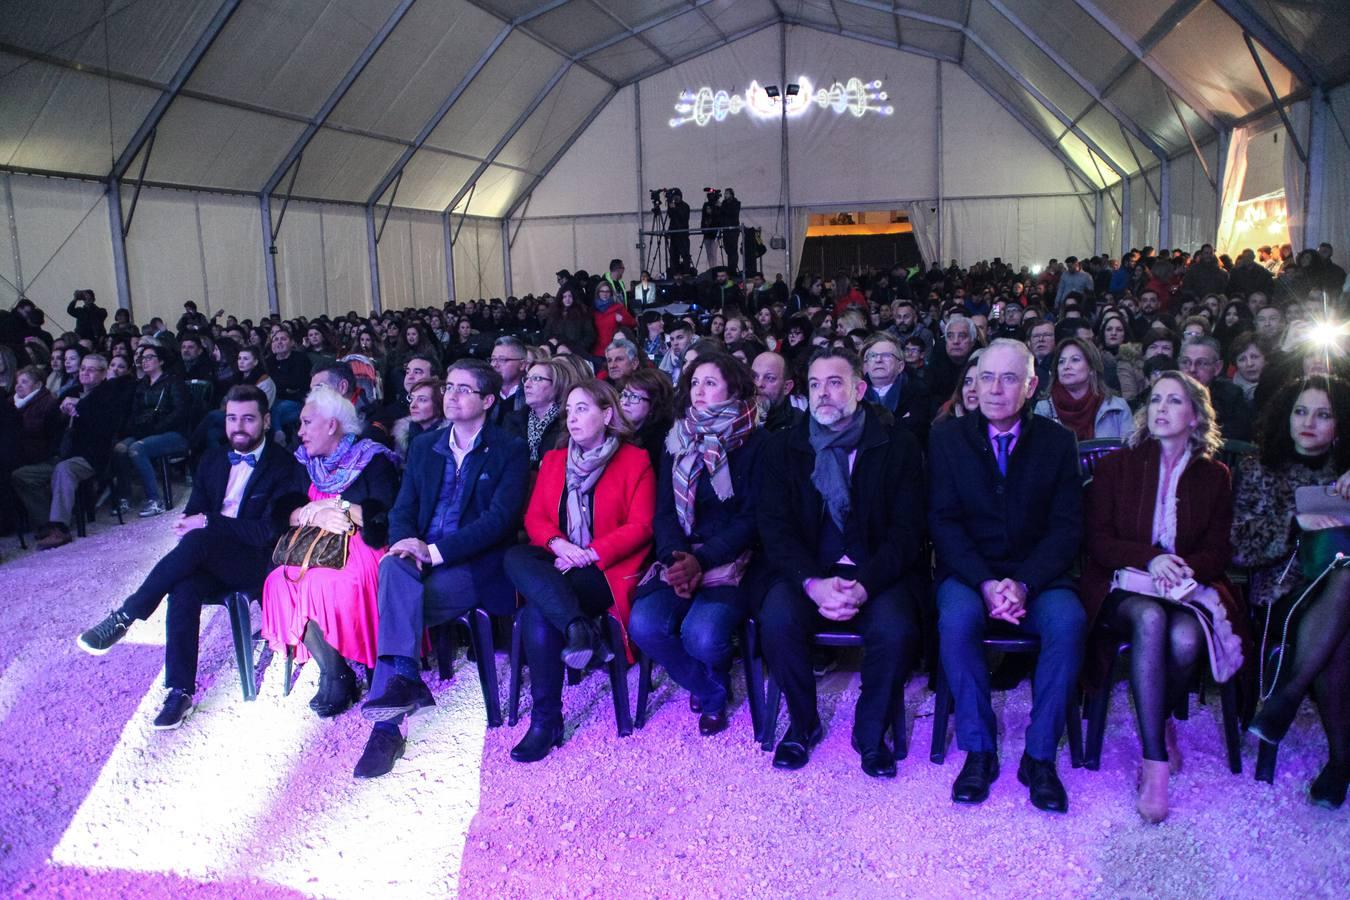 Pregón del carnaval de Cabezo de Torres a cargo de Doña rogelia y Mari Carmen